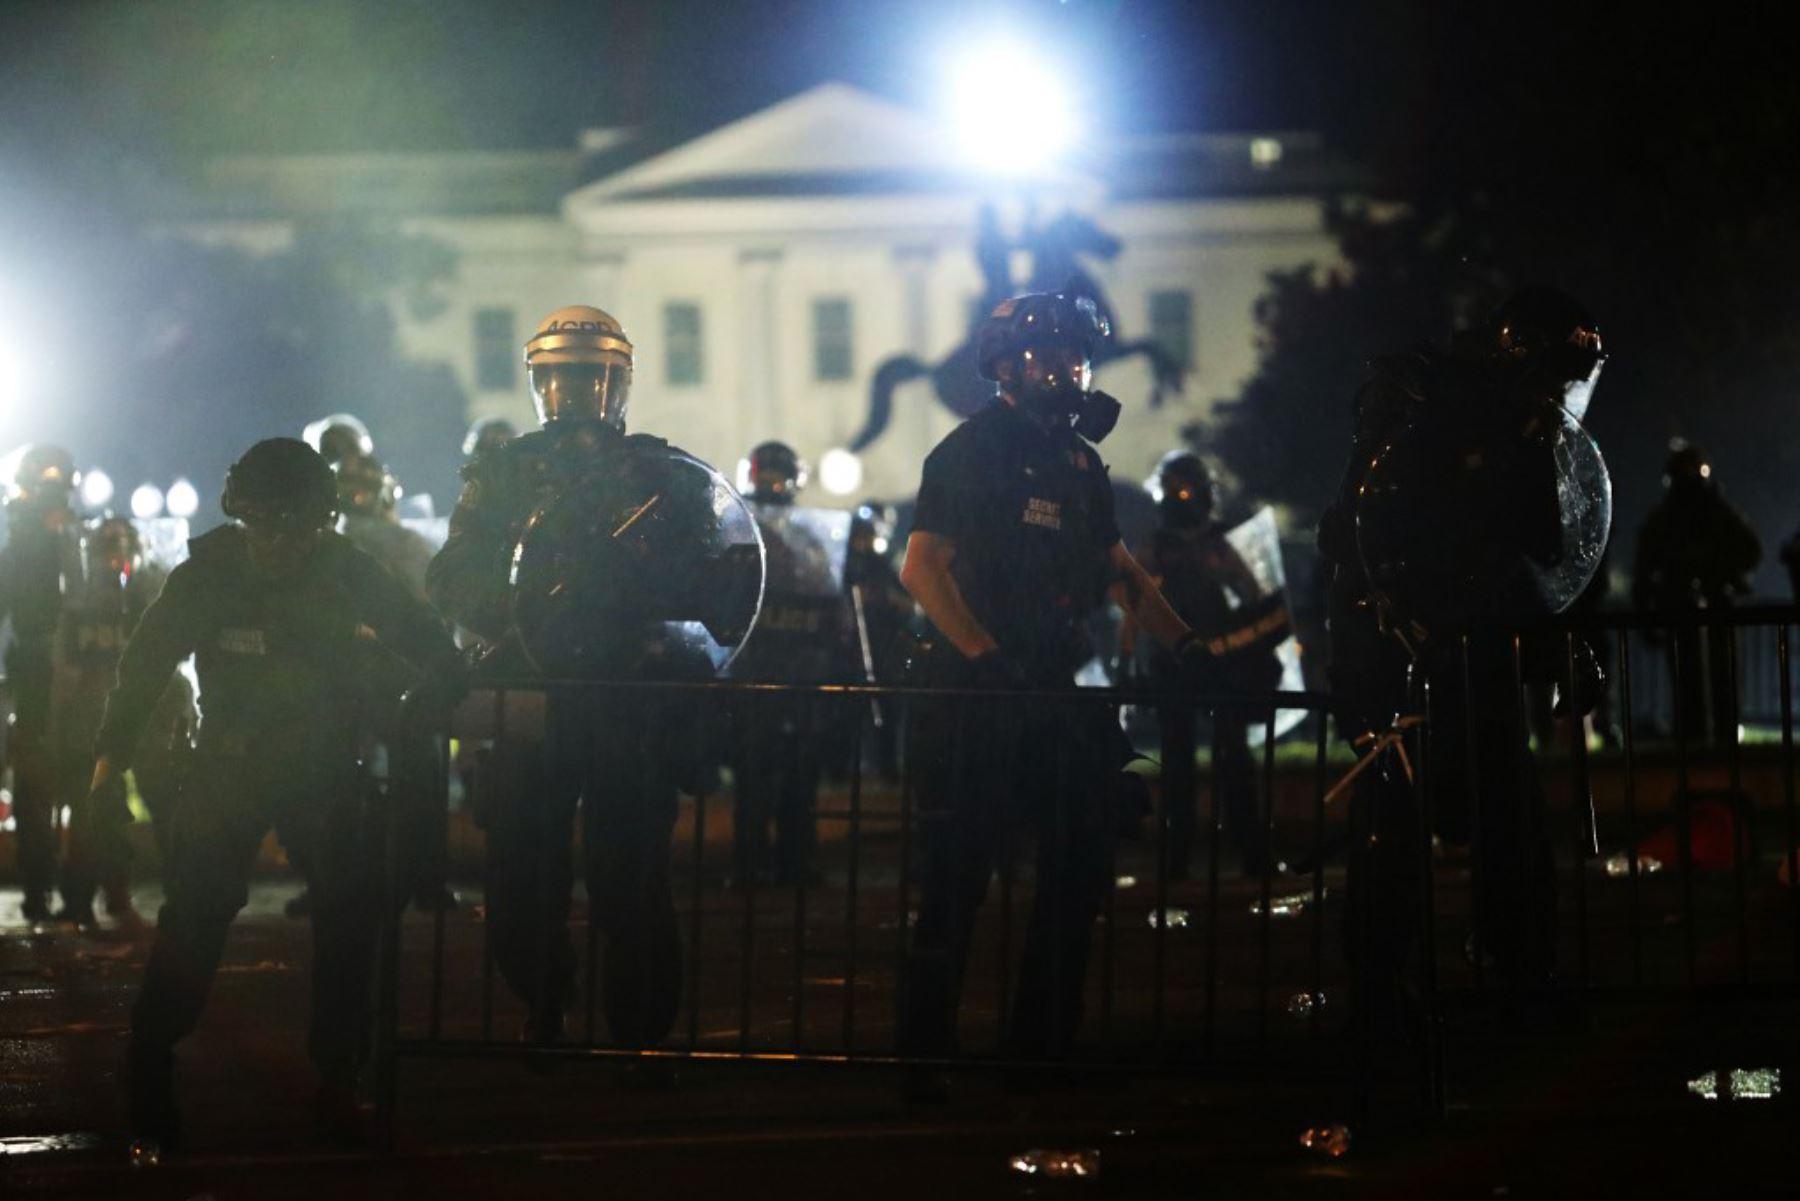 Los agentes de policía mantienen un perímetro durante una protesta cerca de la Casa Blanca en respuesta al asesinato de George Floyd en Washington, DC. Foto: AFP